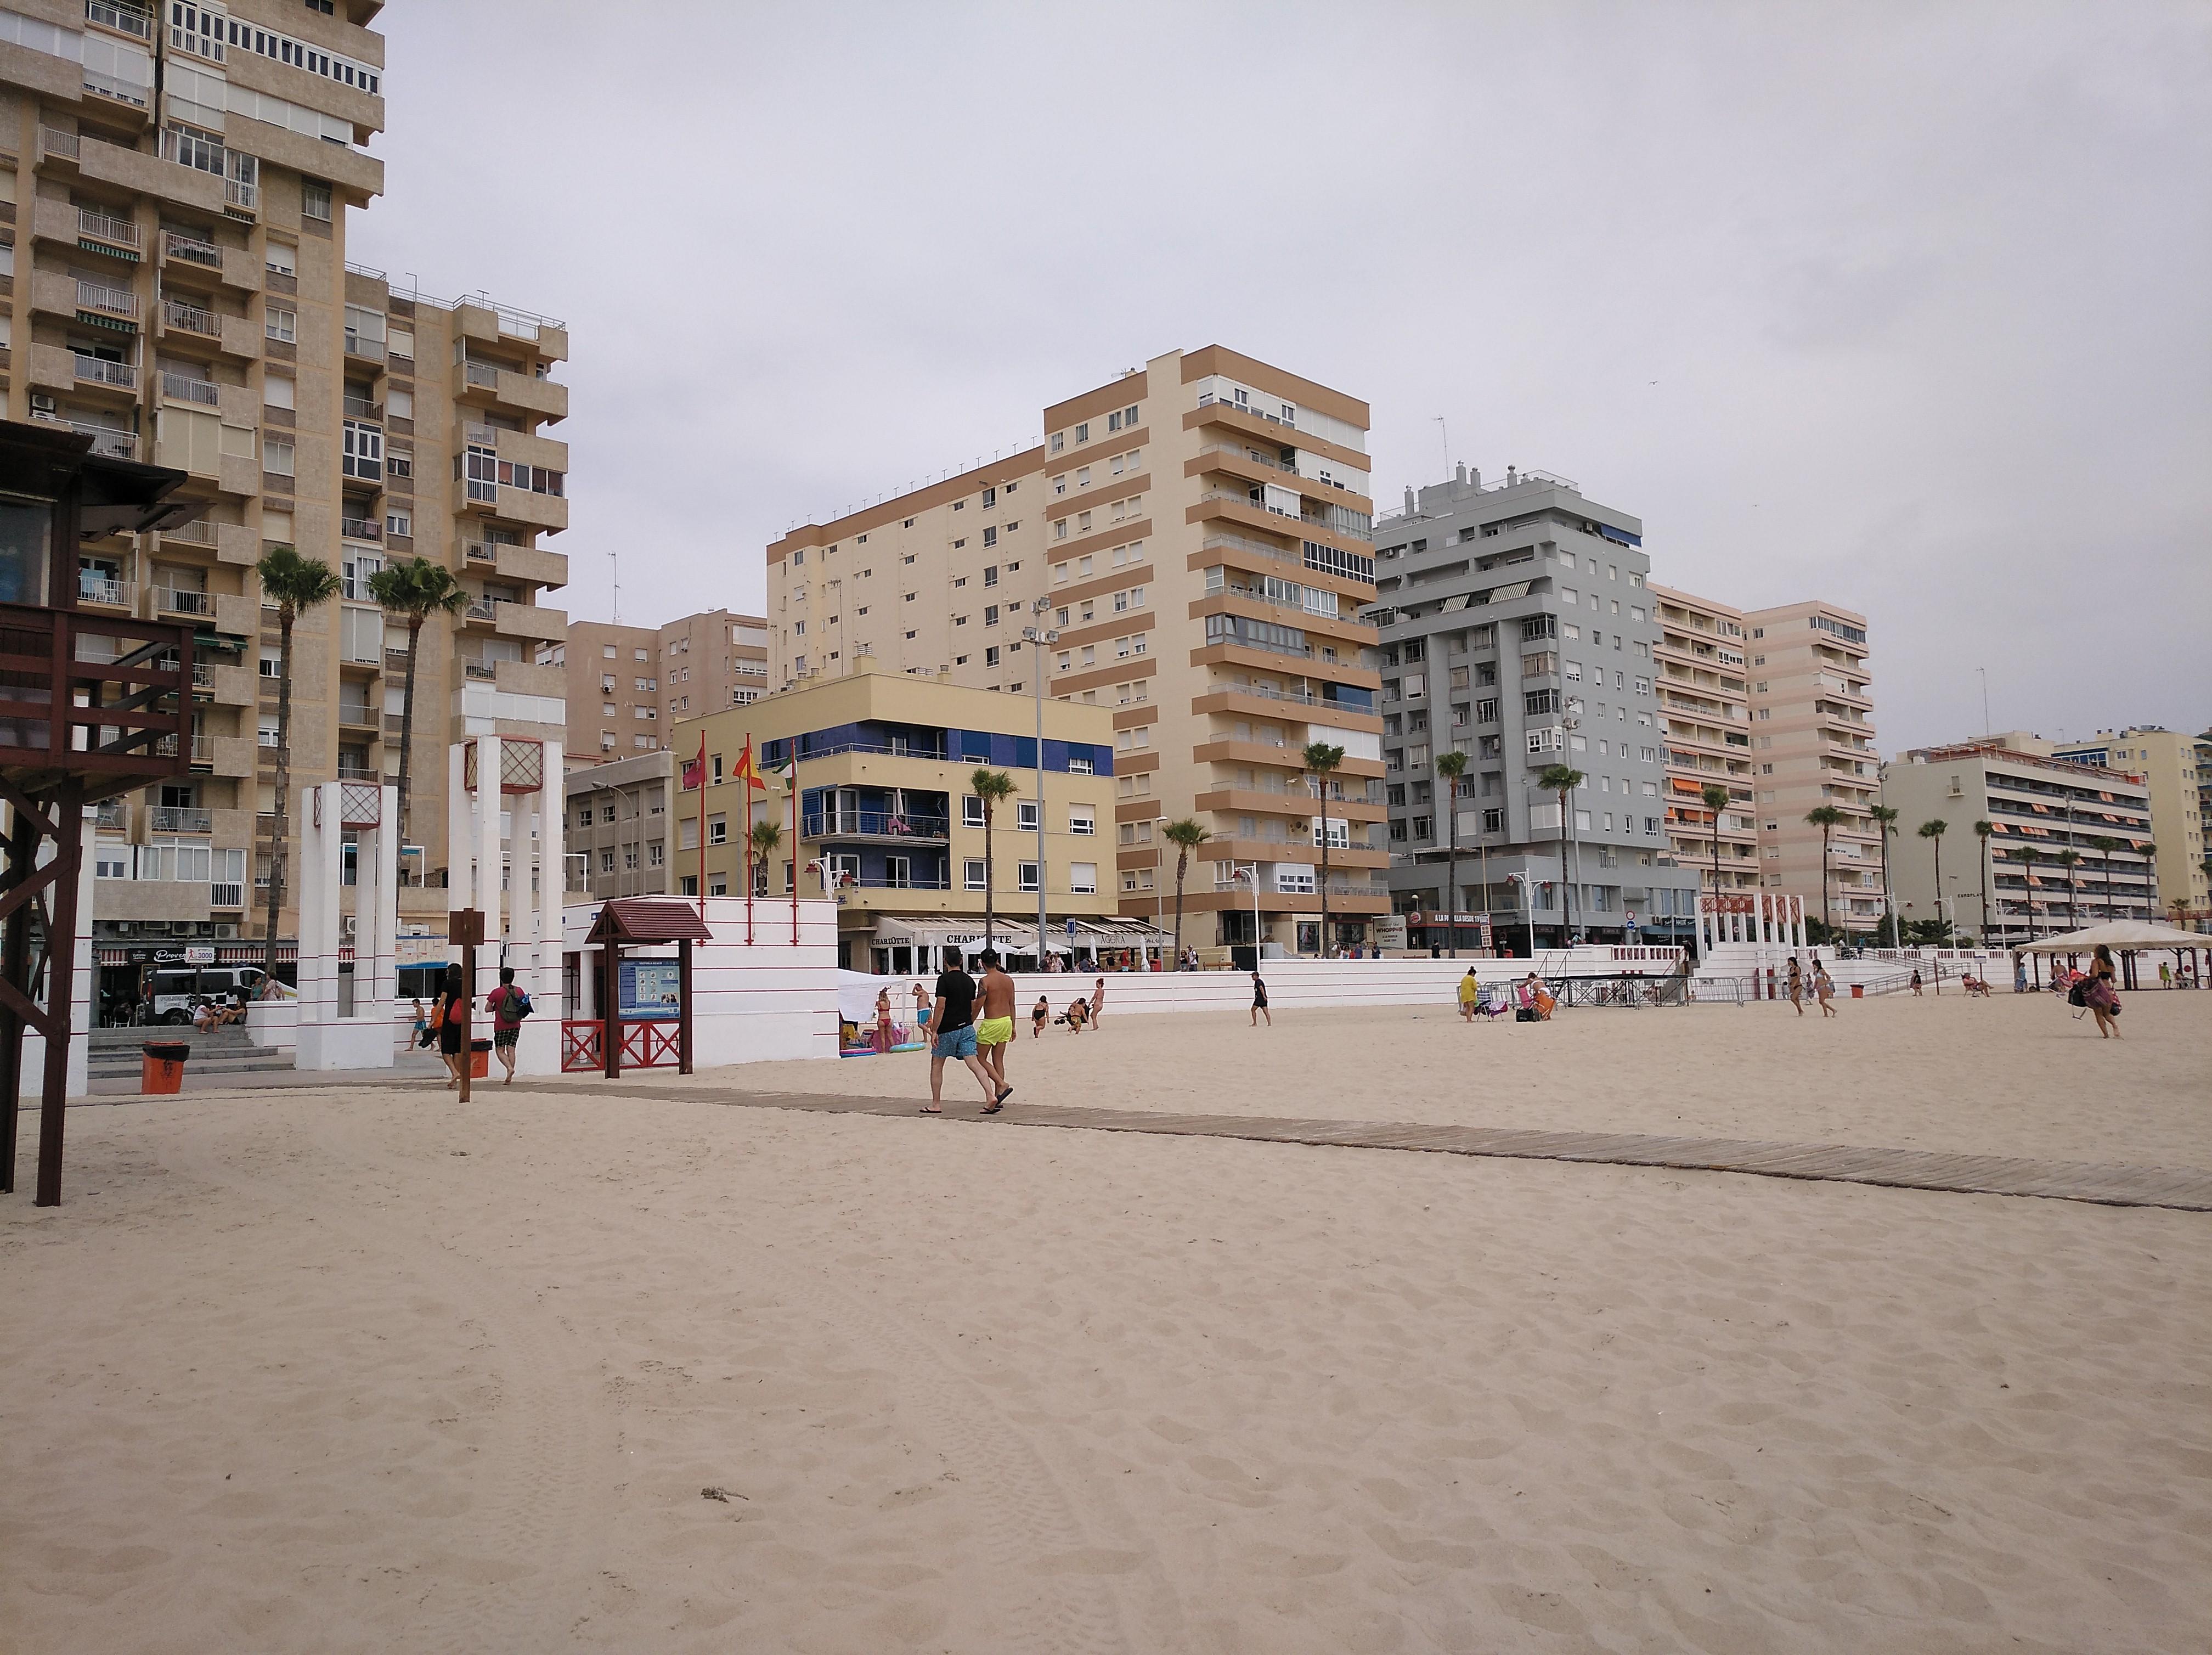 La Mar de Actividades Verano 2019 Cadiz